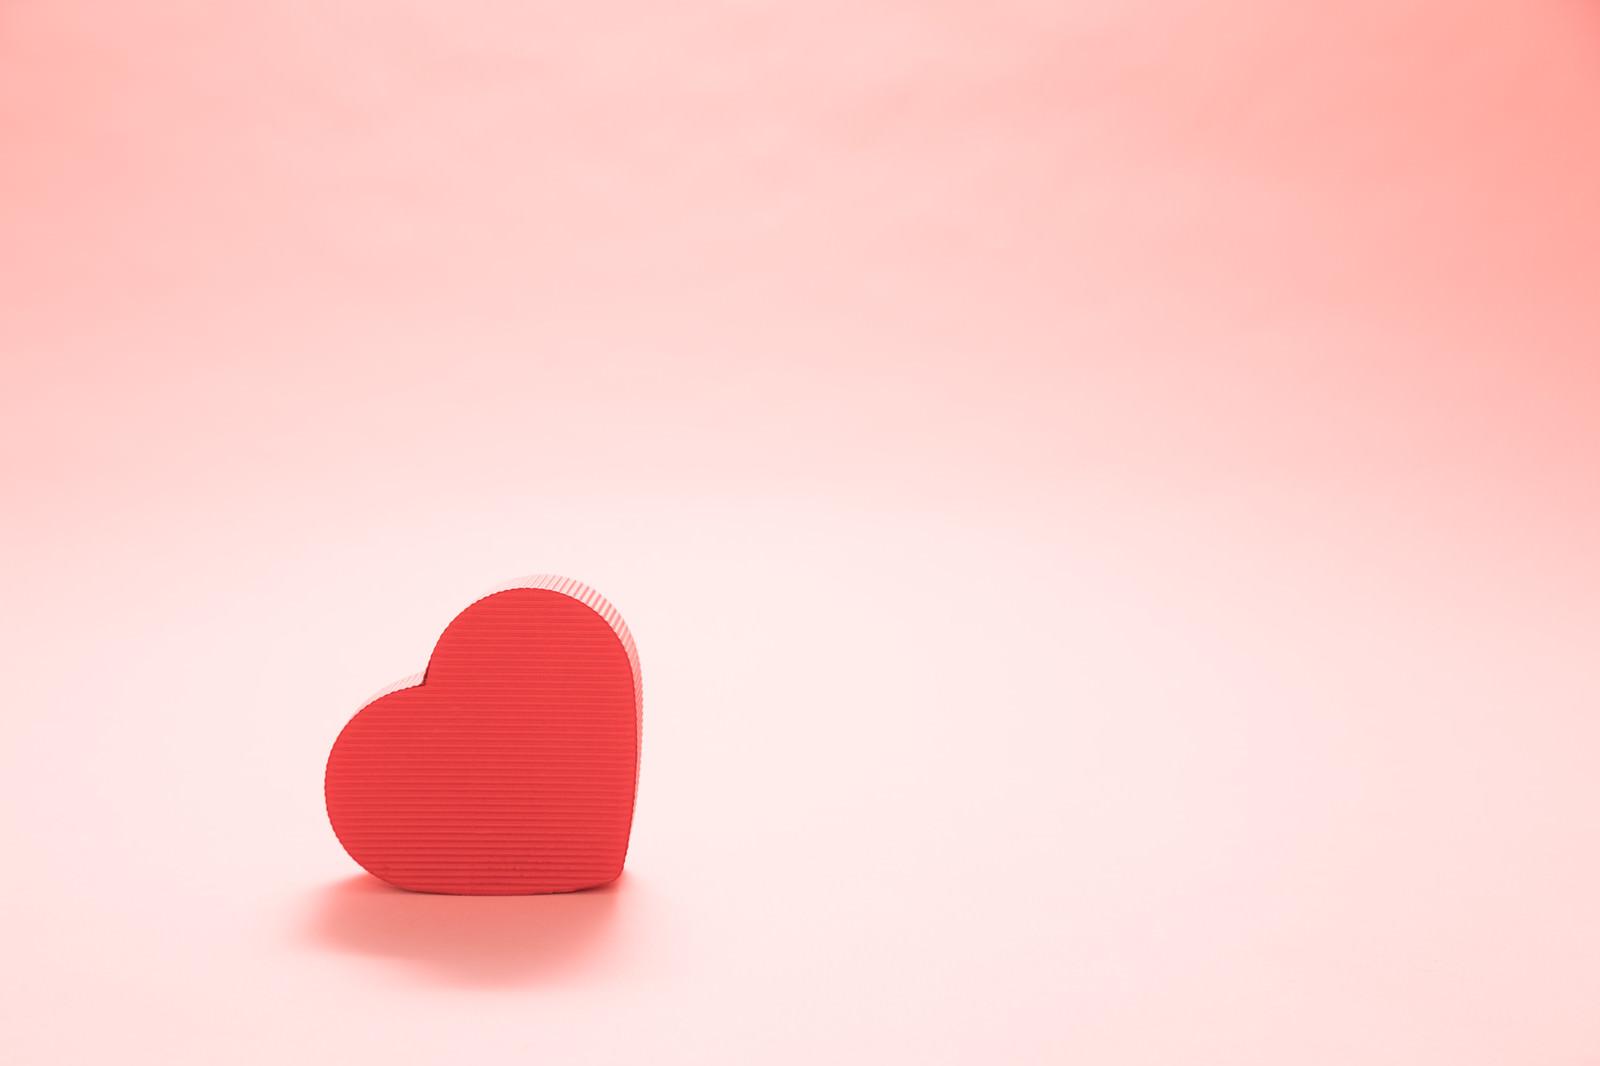 「バレンタインに使われやすいハート」の写真